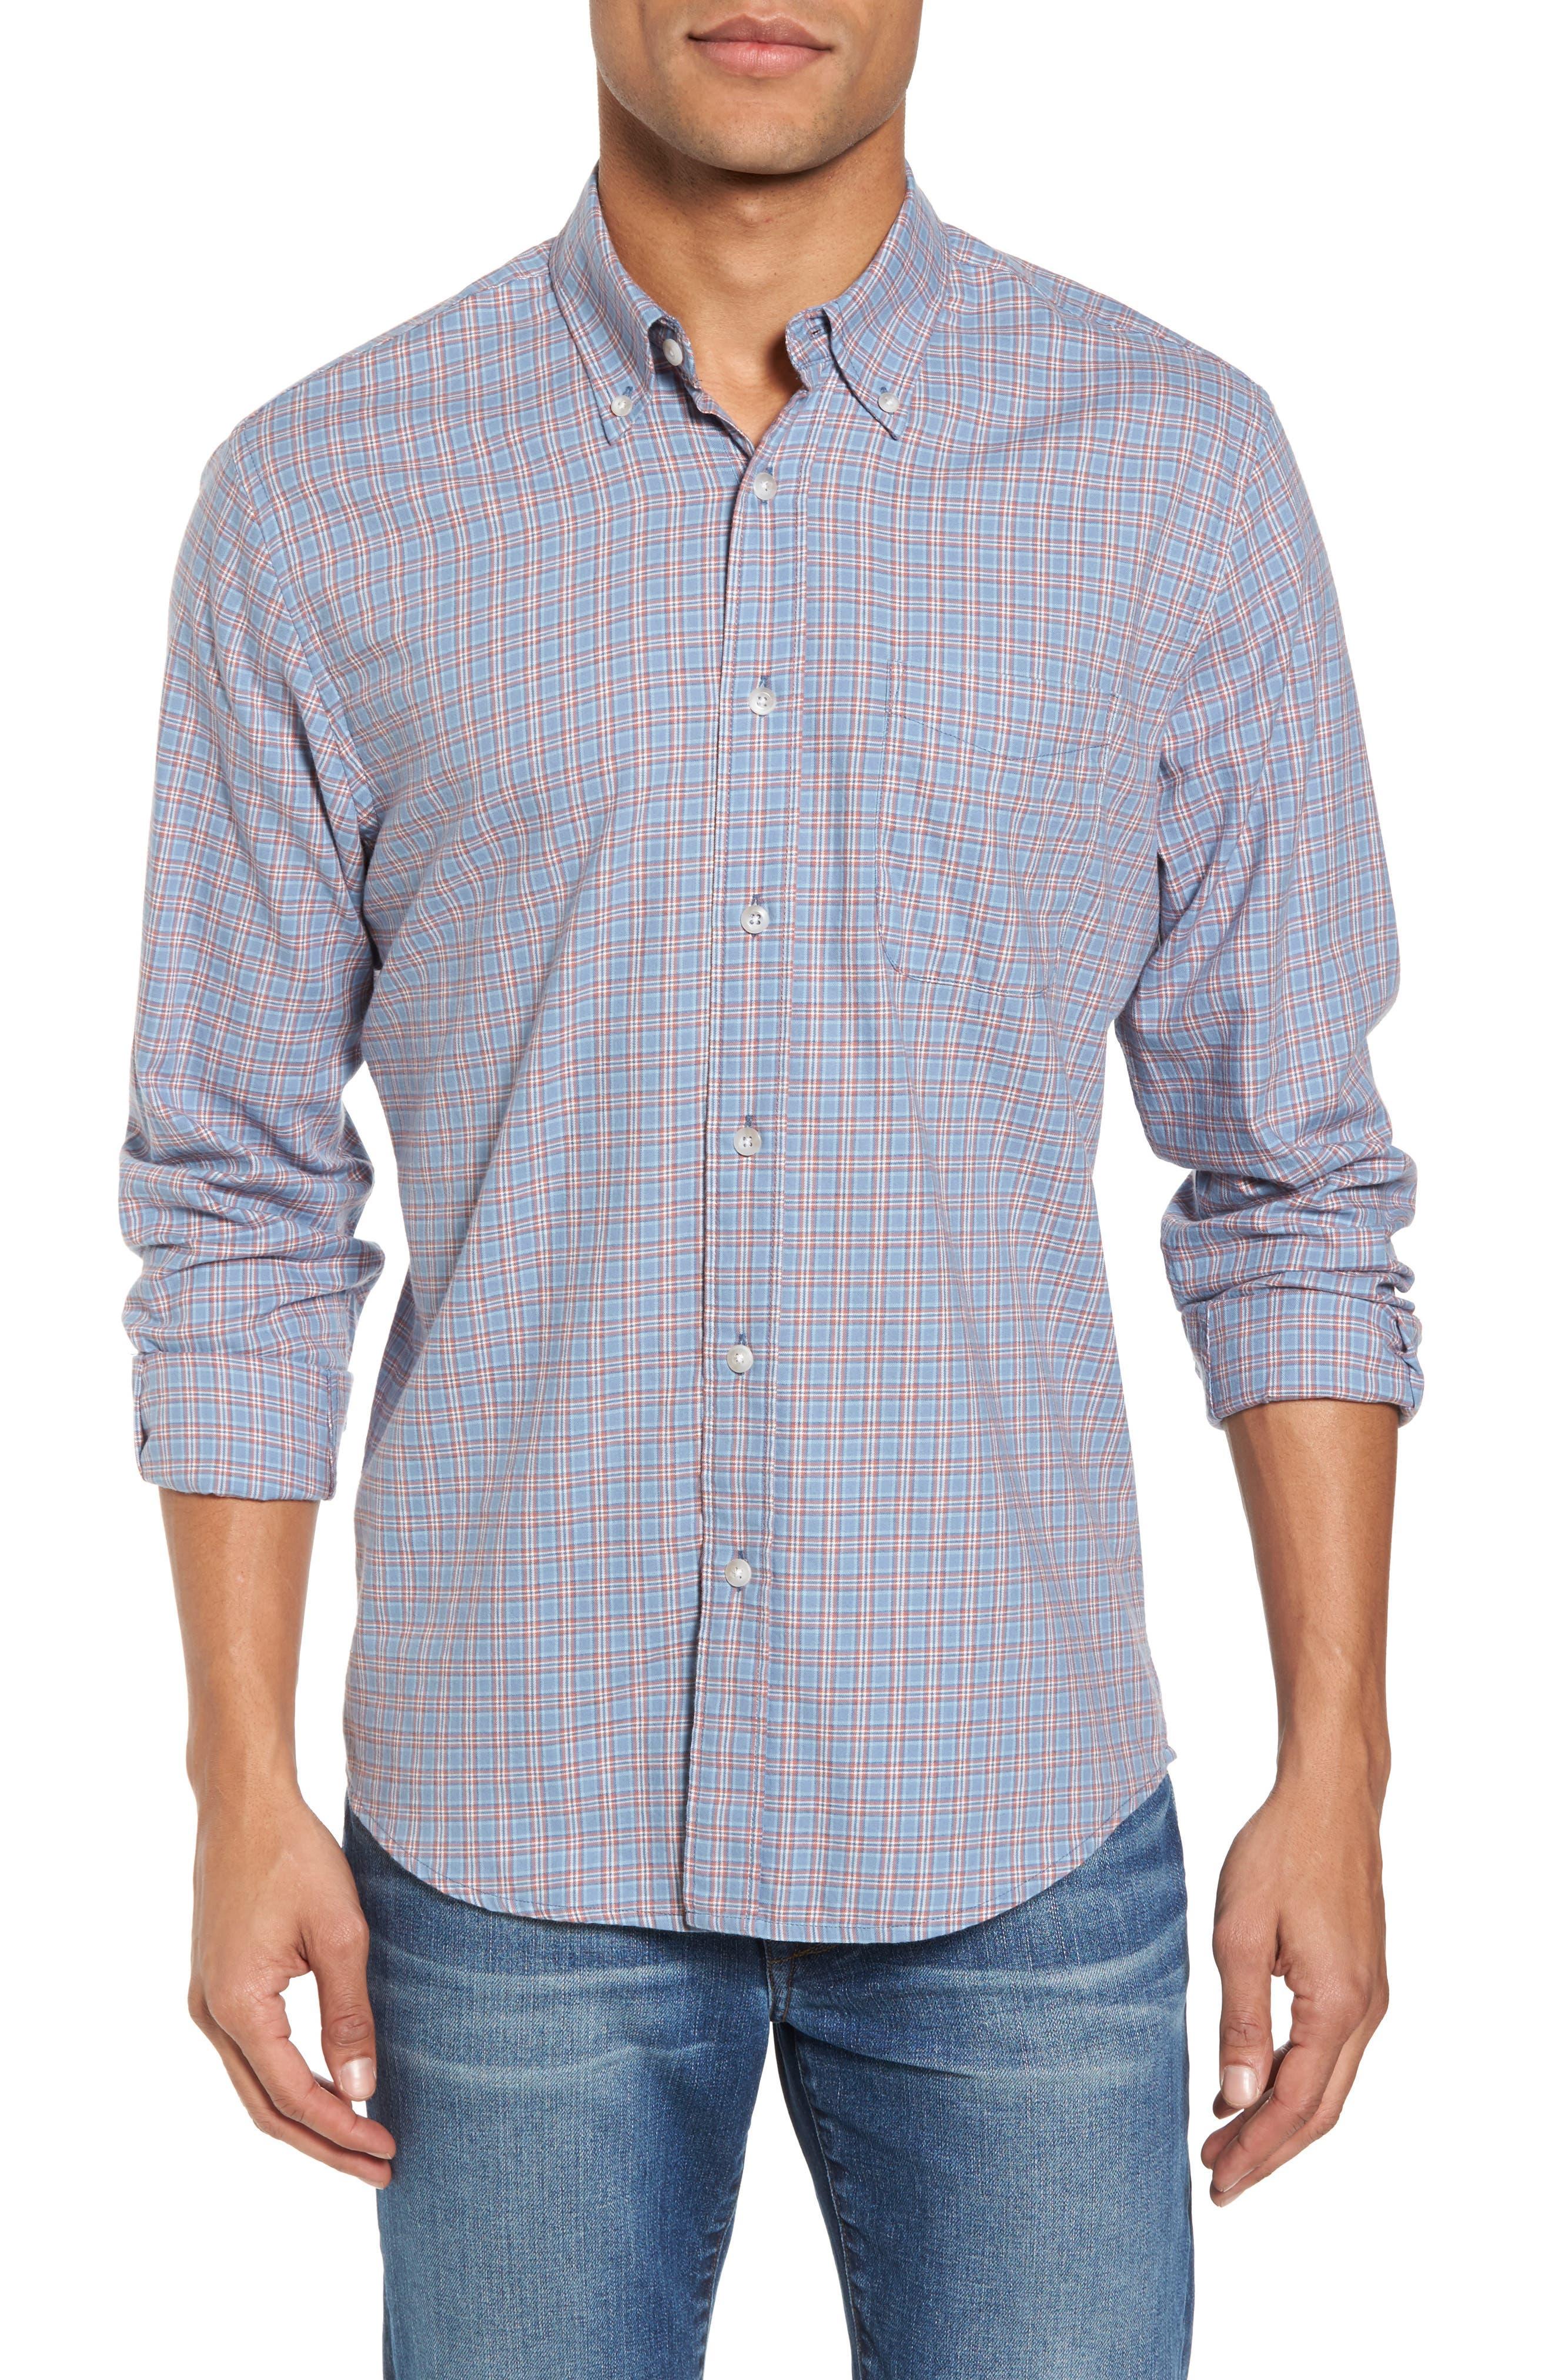 Ventura Plaid Sport Shirt,                         Main,                         color,